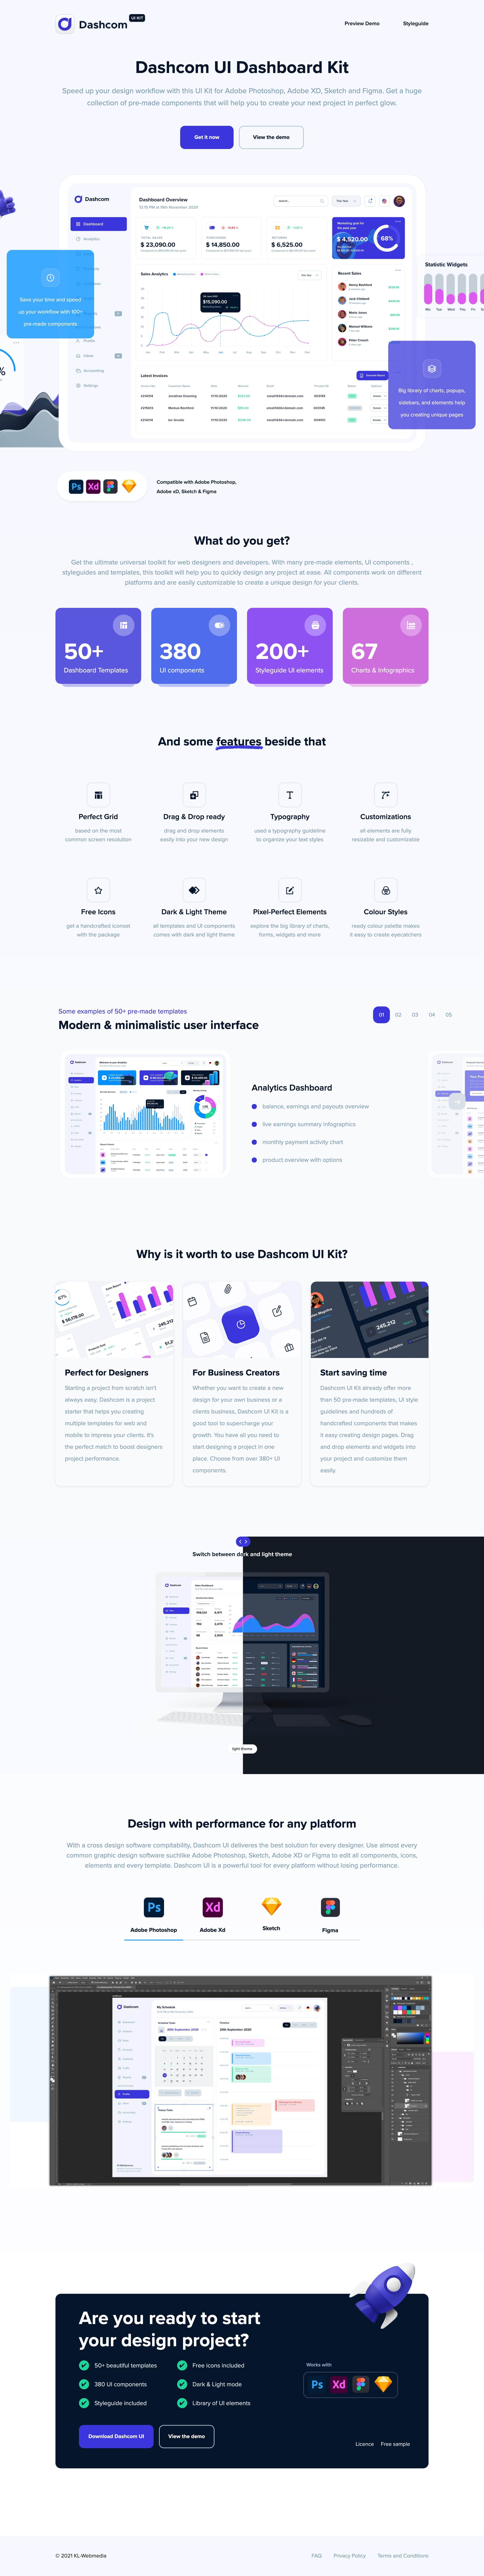 Dashcom UI kit Website Screenshot